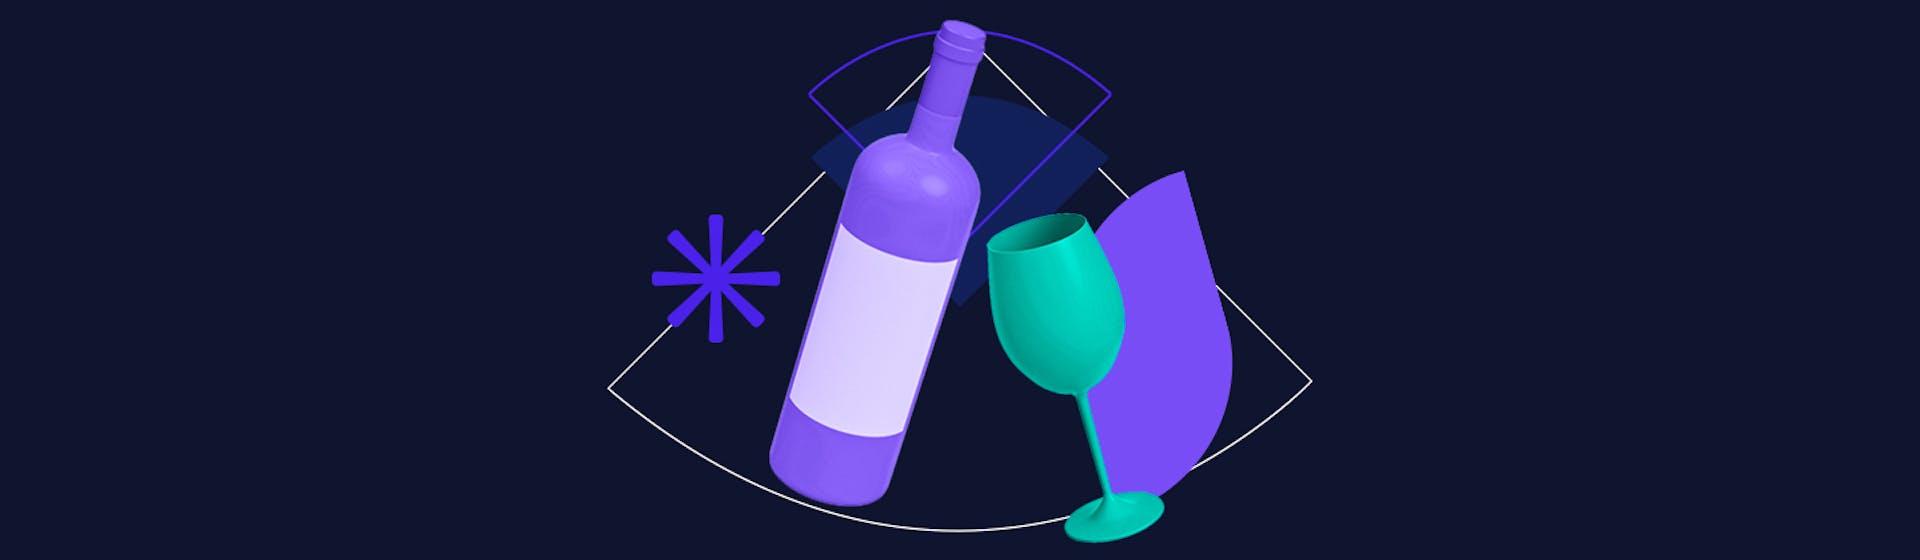 Aprende qué es una cata de vino y prepara tu paladar para la experiencia